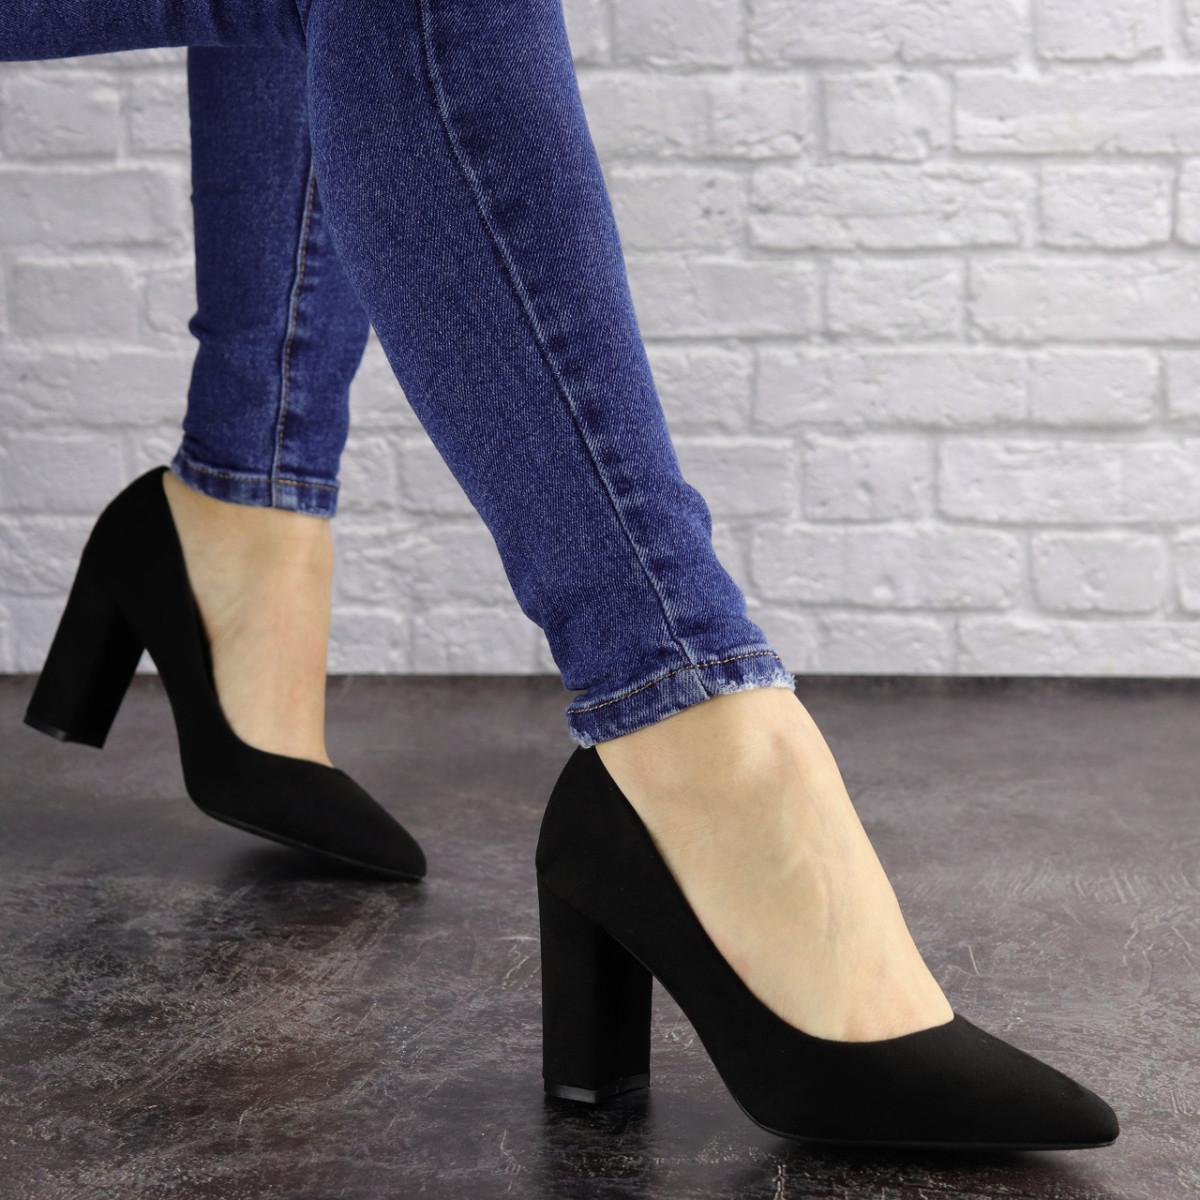 Туфли женские на каблуке черные Maddi 1604 (37 размер)